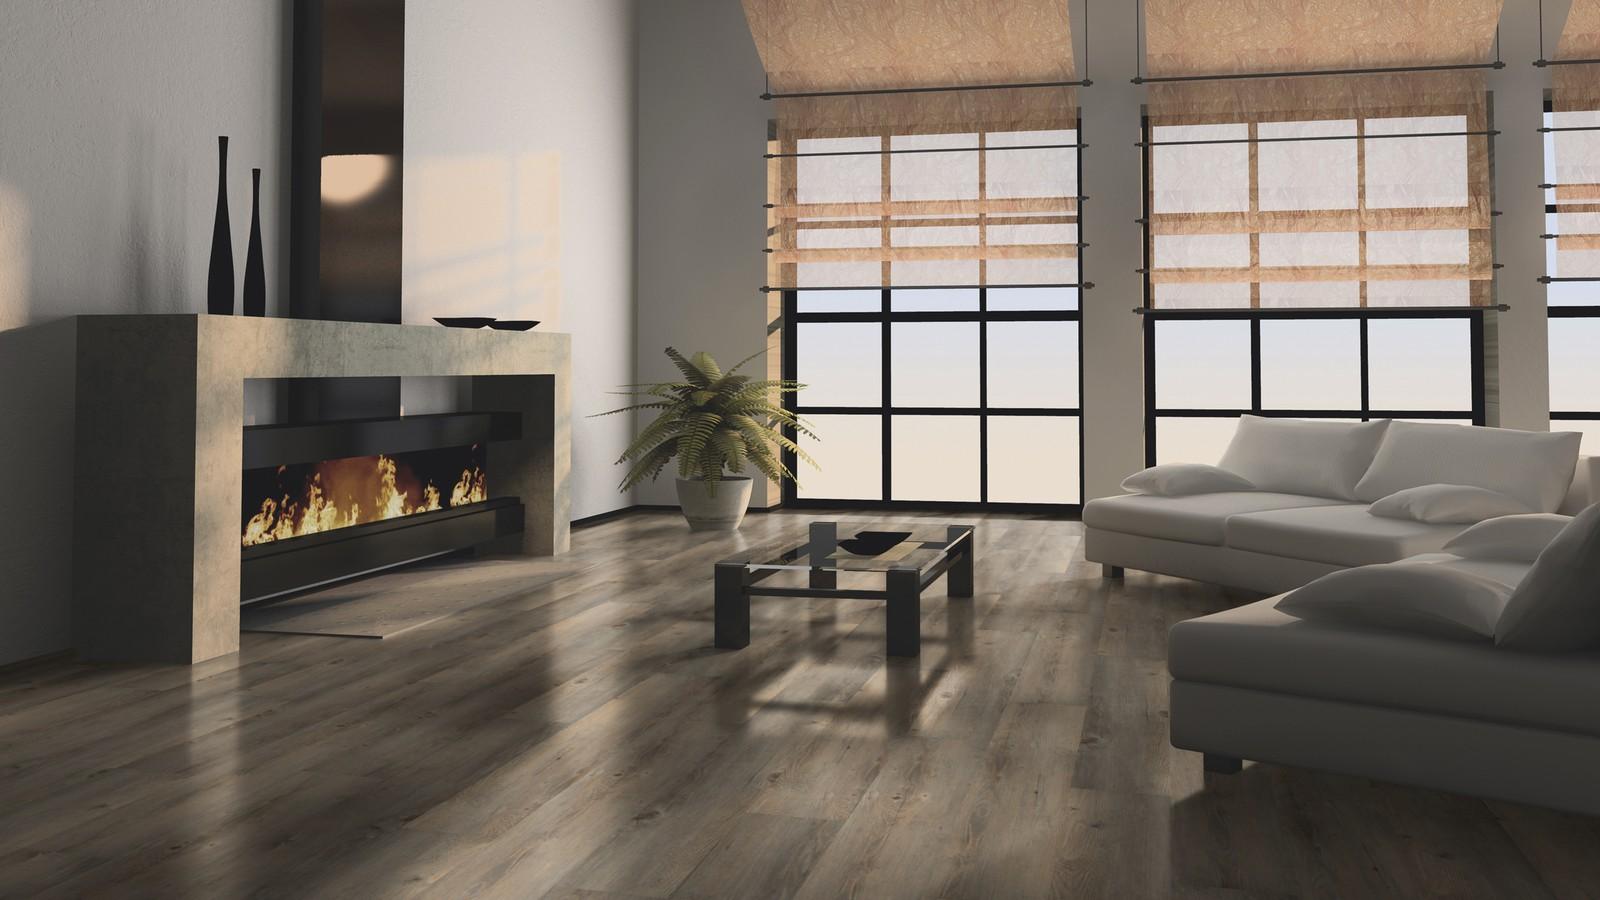 Wohnzimmer Bodenbelag Ideen Wineo 600 Klick Vinyl DLC0008 Toscany Pine